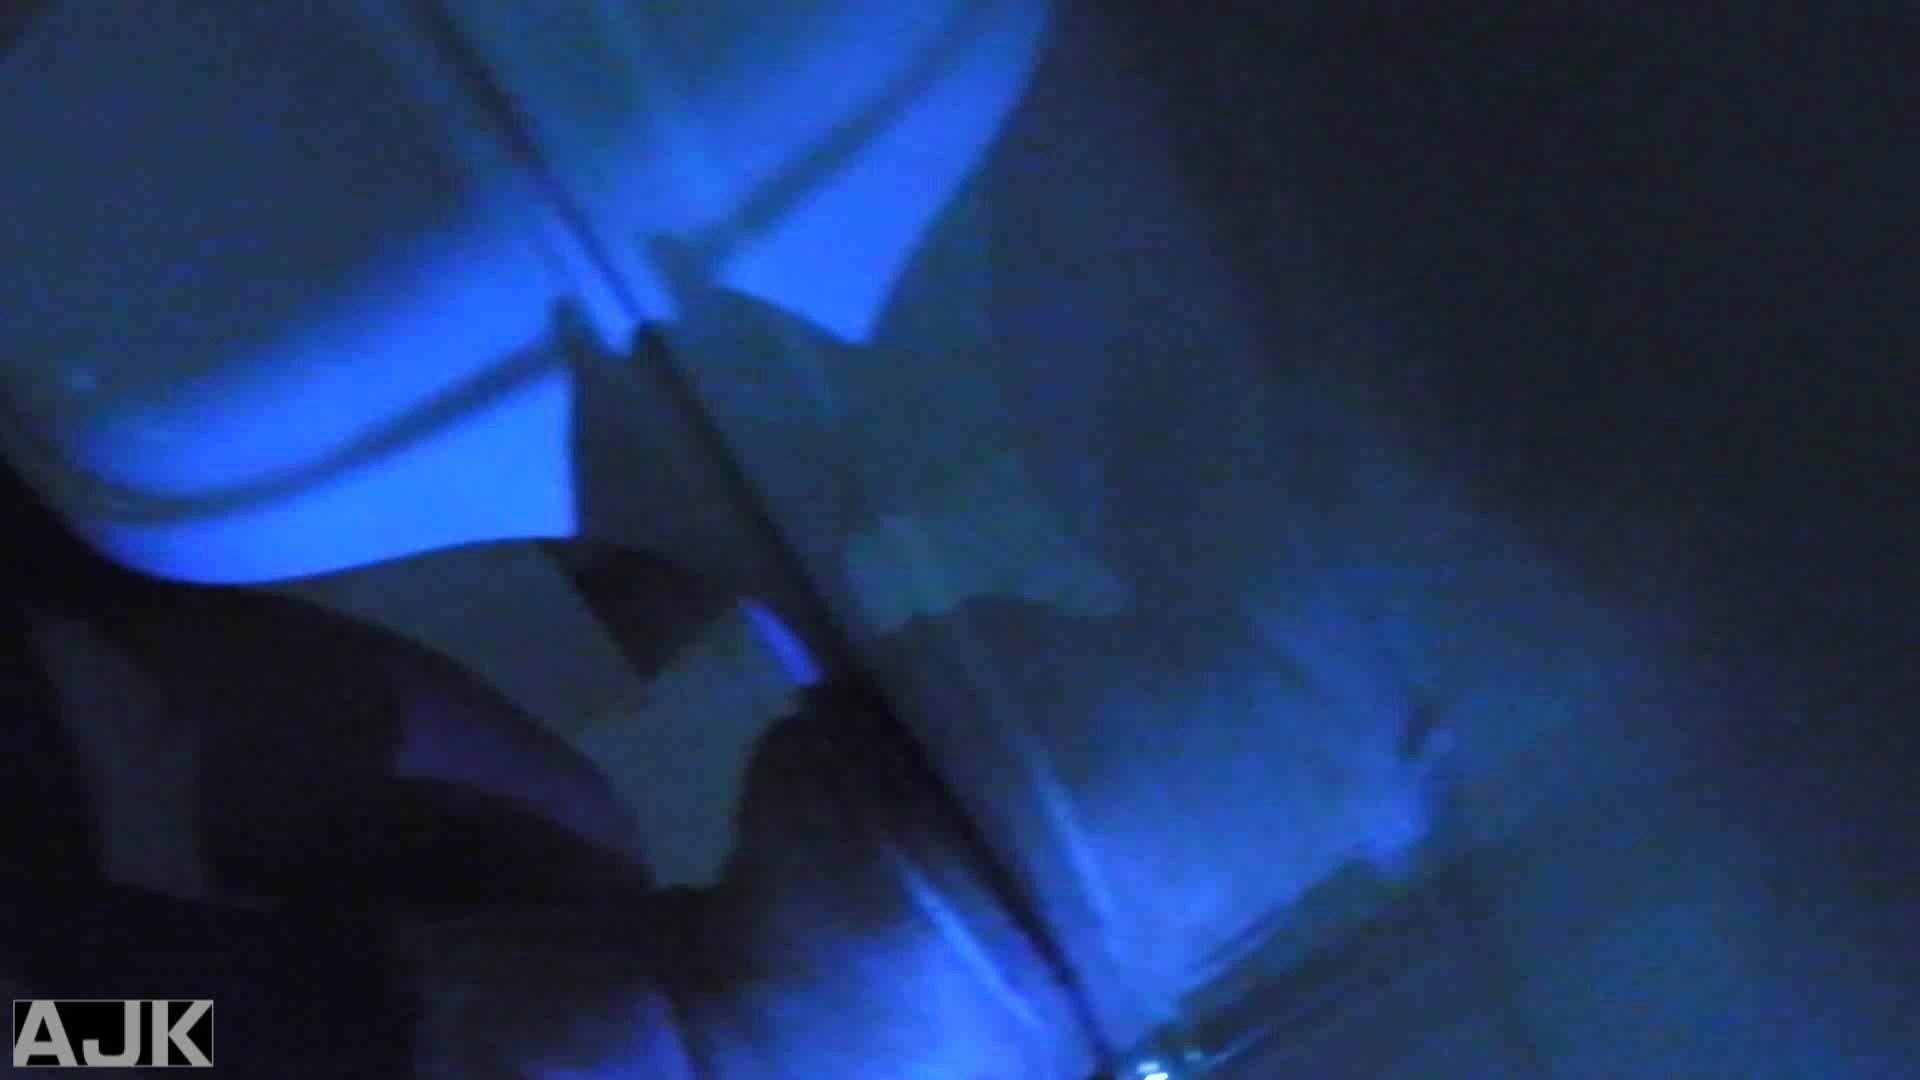 神降臨!史上最強の潜入かわや! vol.05 マンコ すけべAV動画紹介 92連発 74